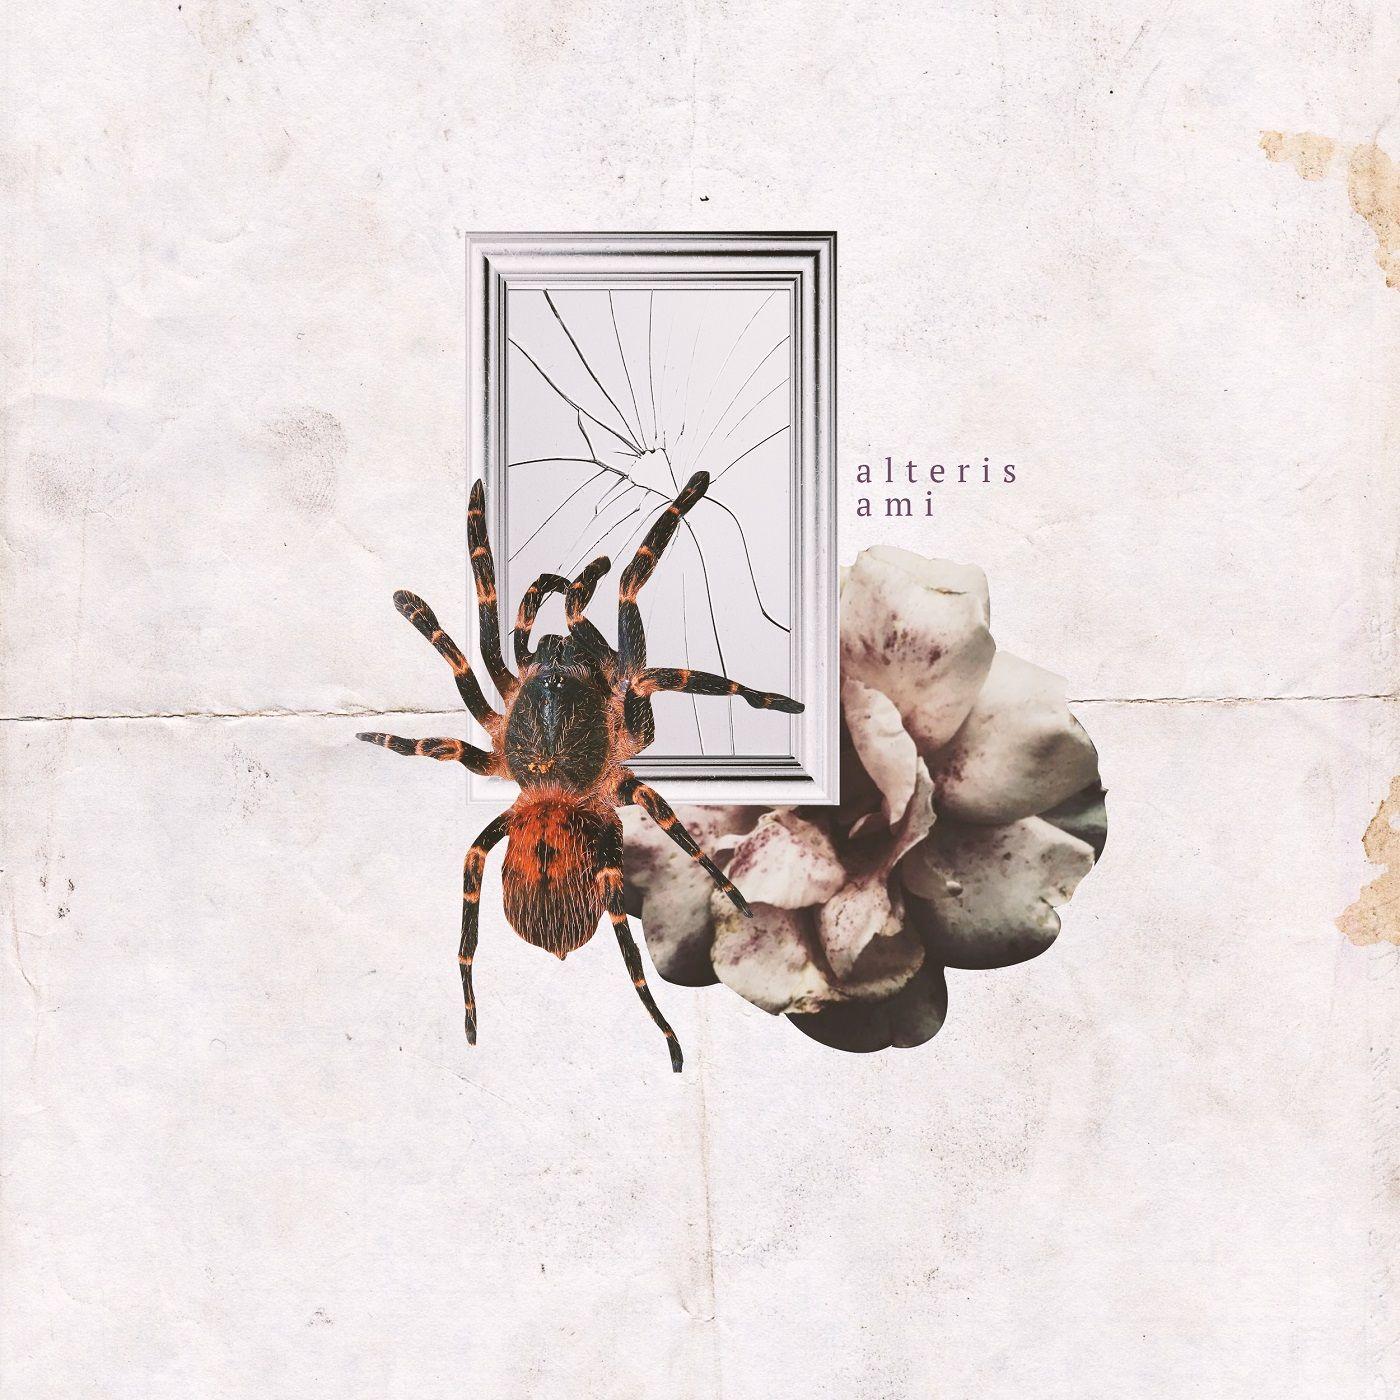 Em seu EP de estreia, AMI, Alteris soa como uma banda veterana